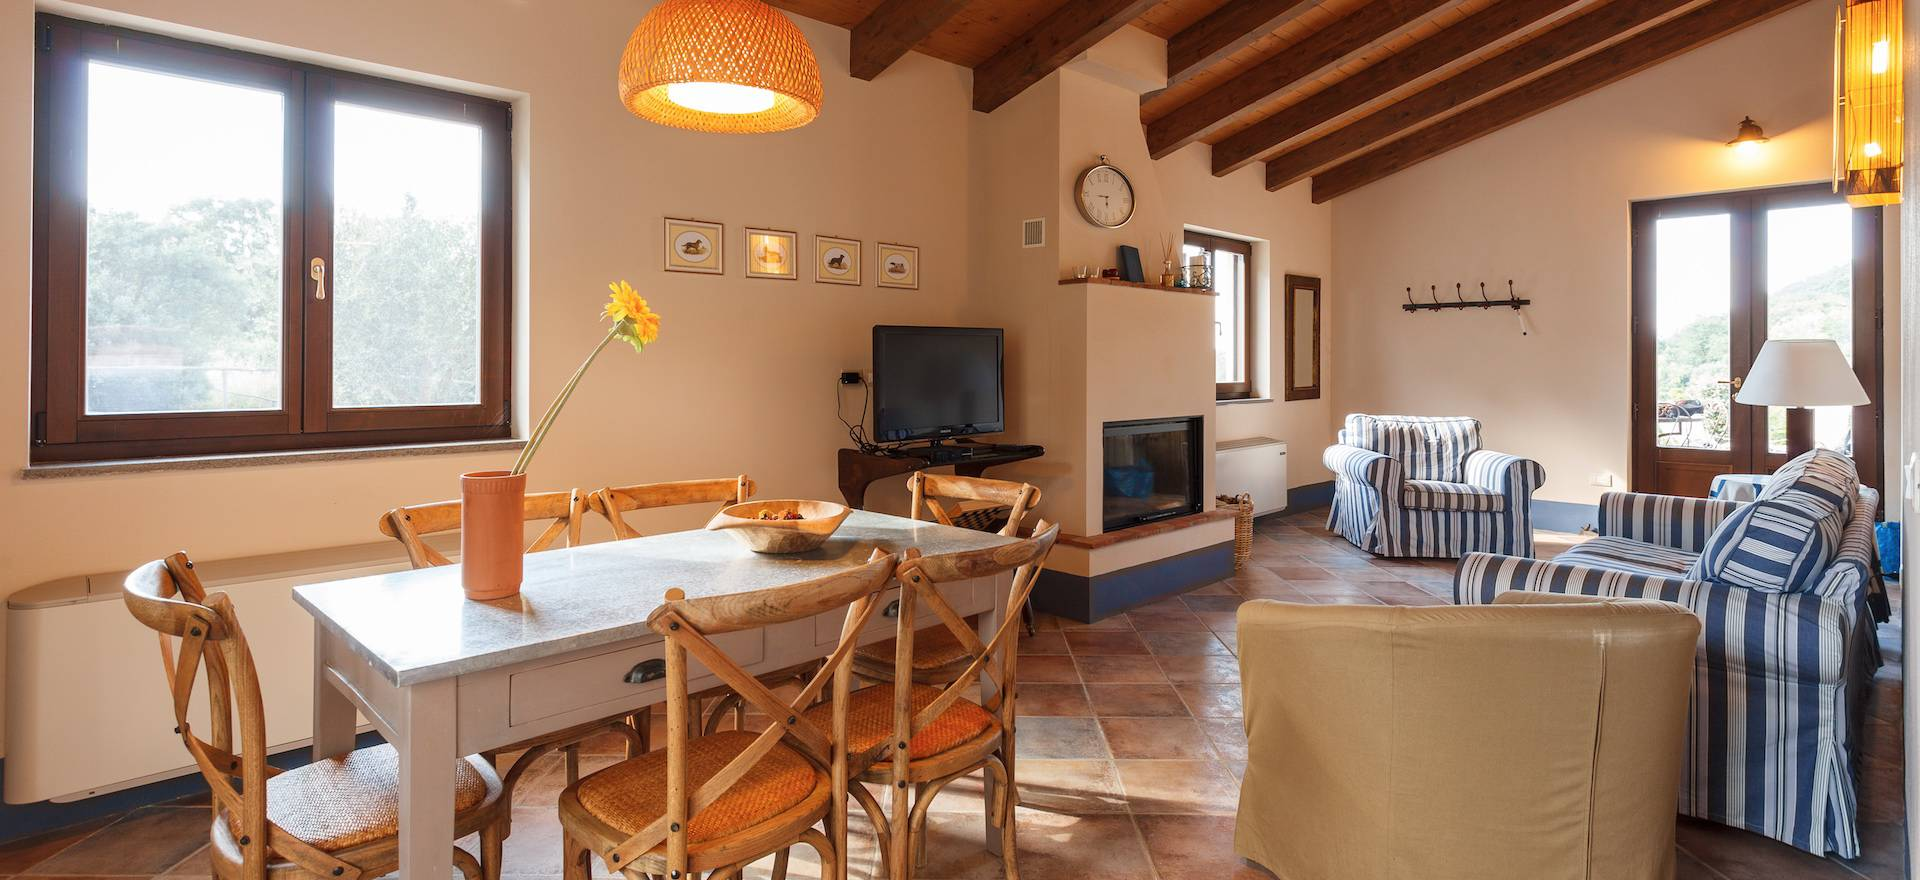 Agriturismo met luxe huizen op een heuvel in Toscane